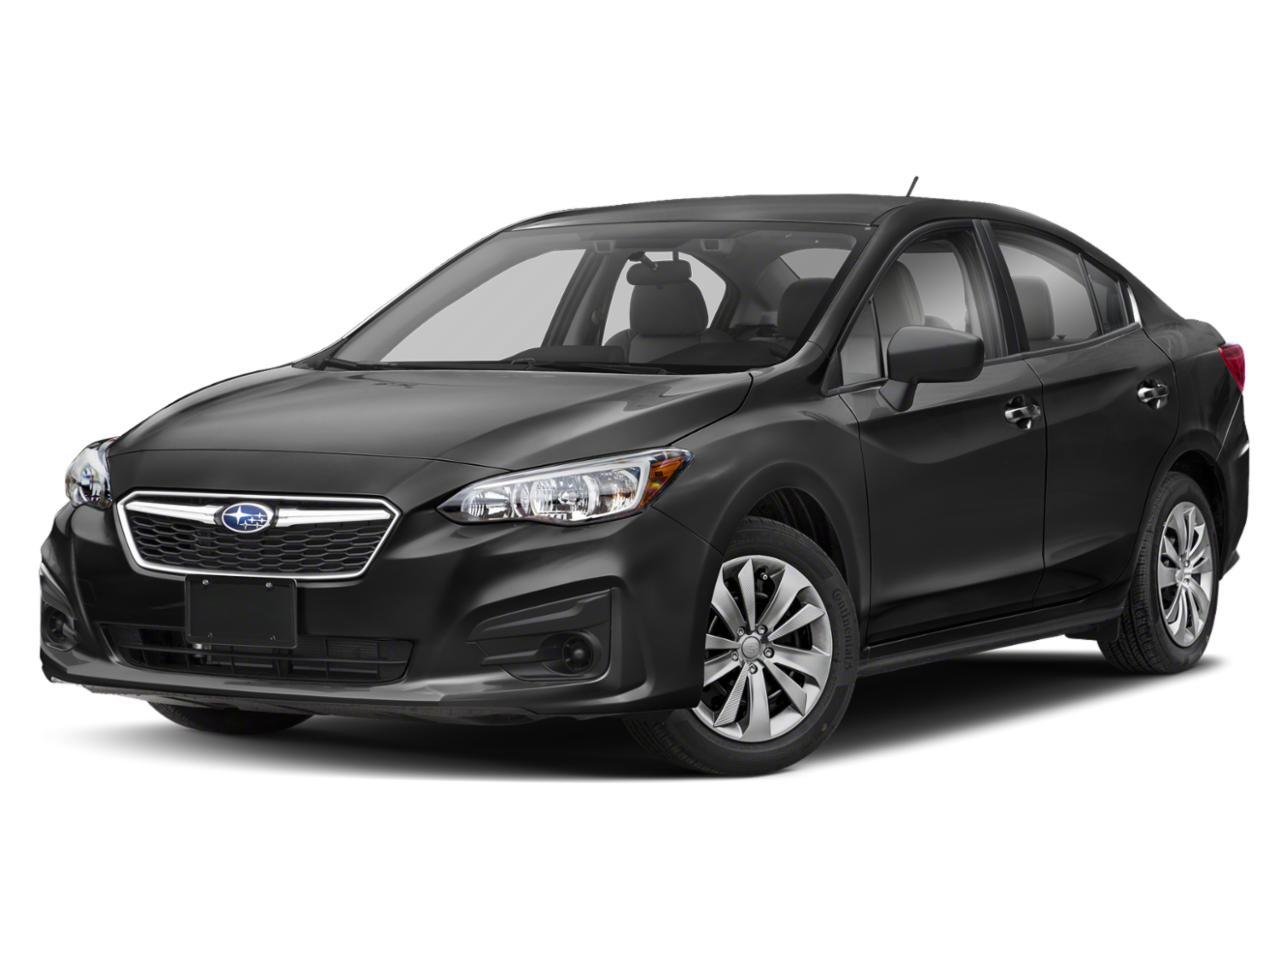 2019 Subaru Impreza Vehicle Photo in Bethlehem, PA 18017